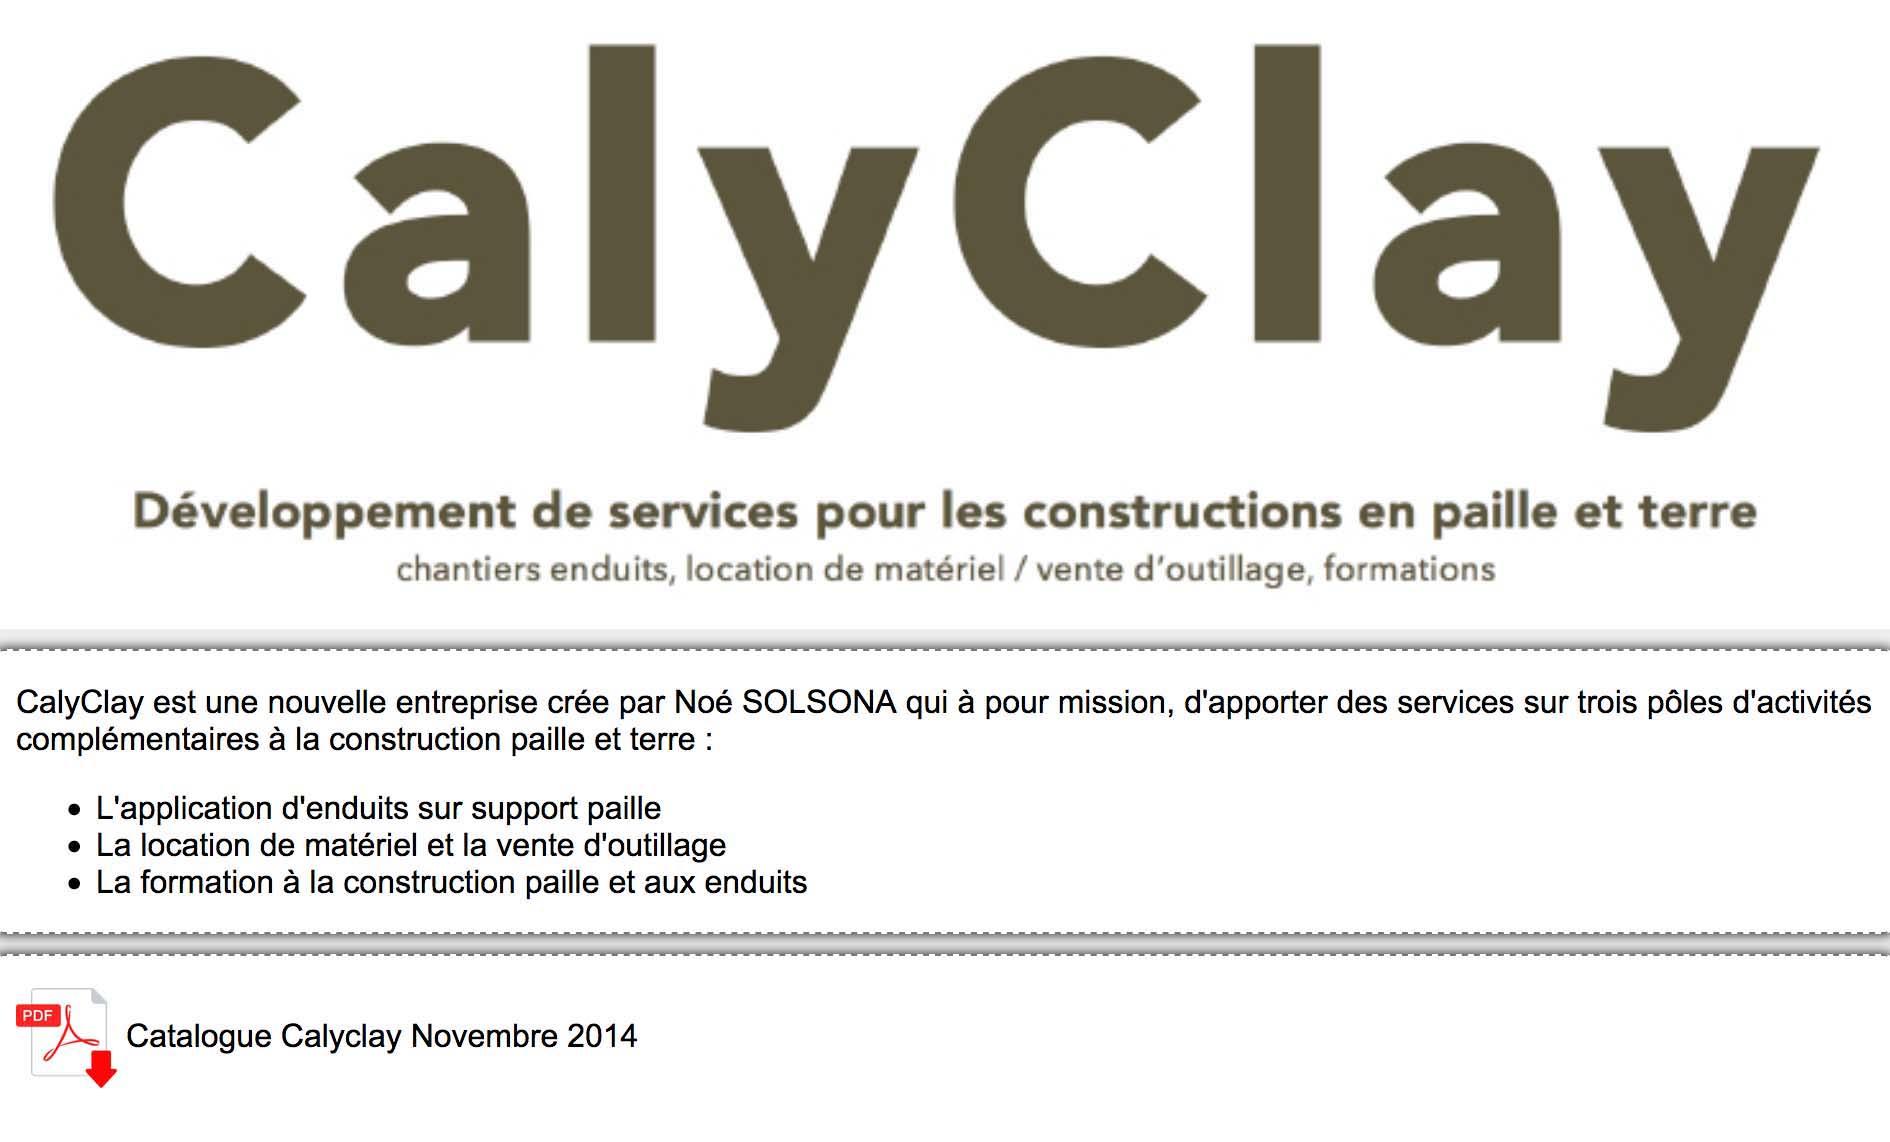 Logo et lien vers le site de Calyclay